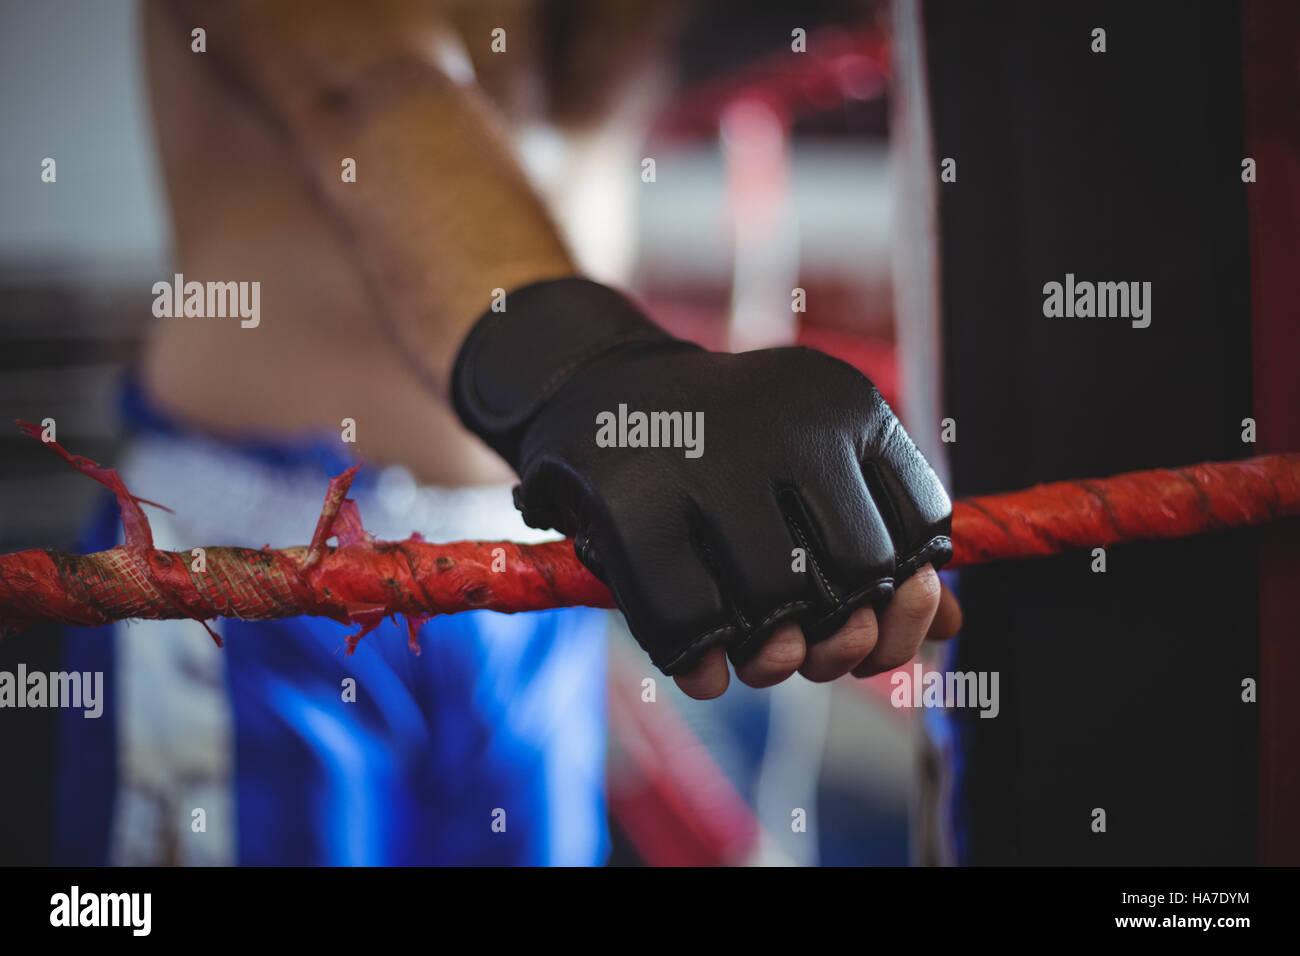 Boxer holding une corde Photo Stock